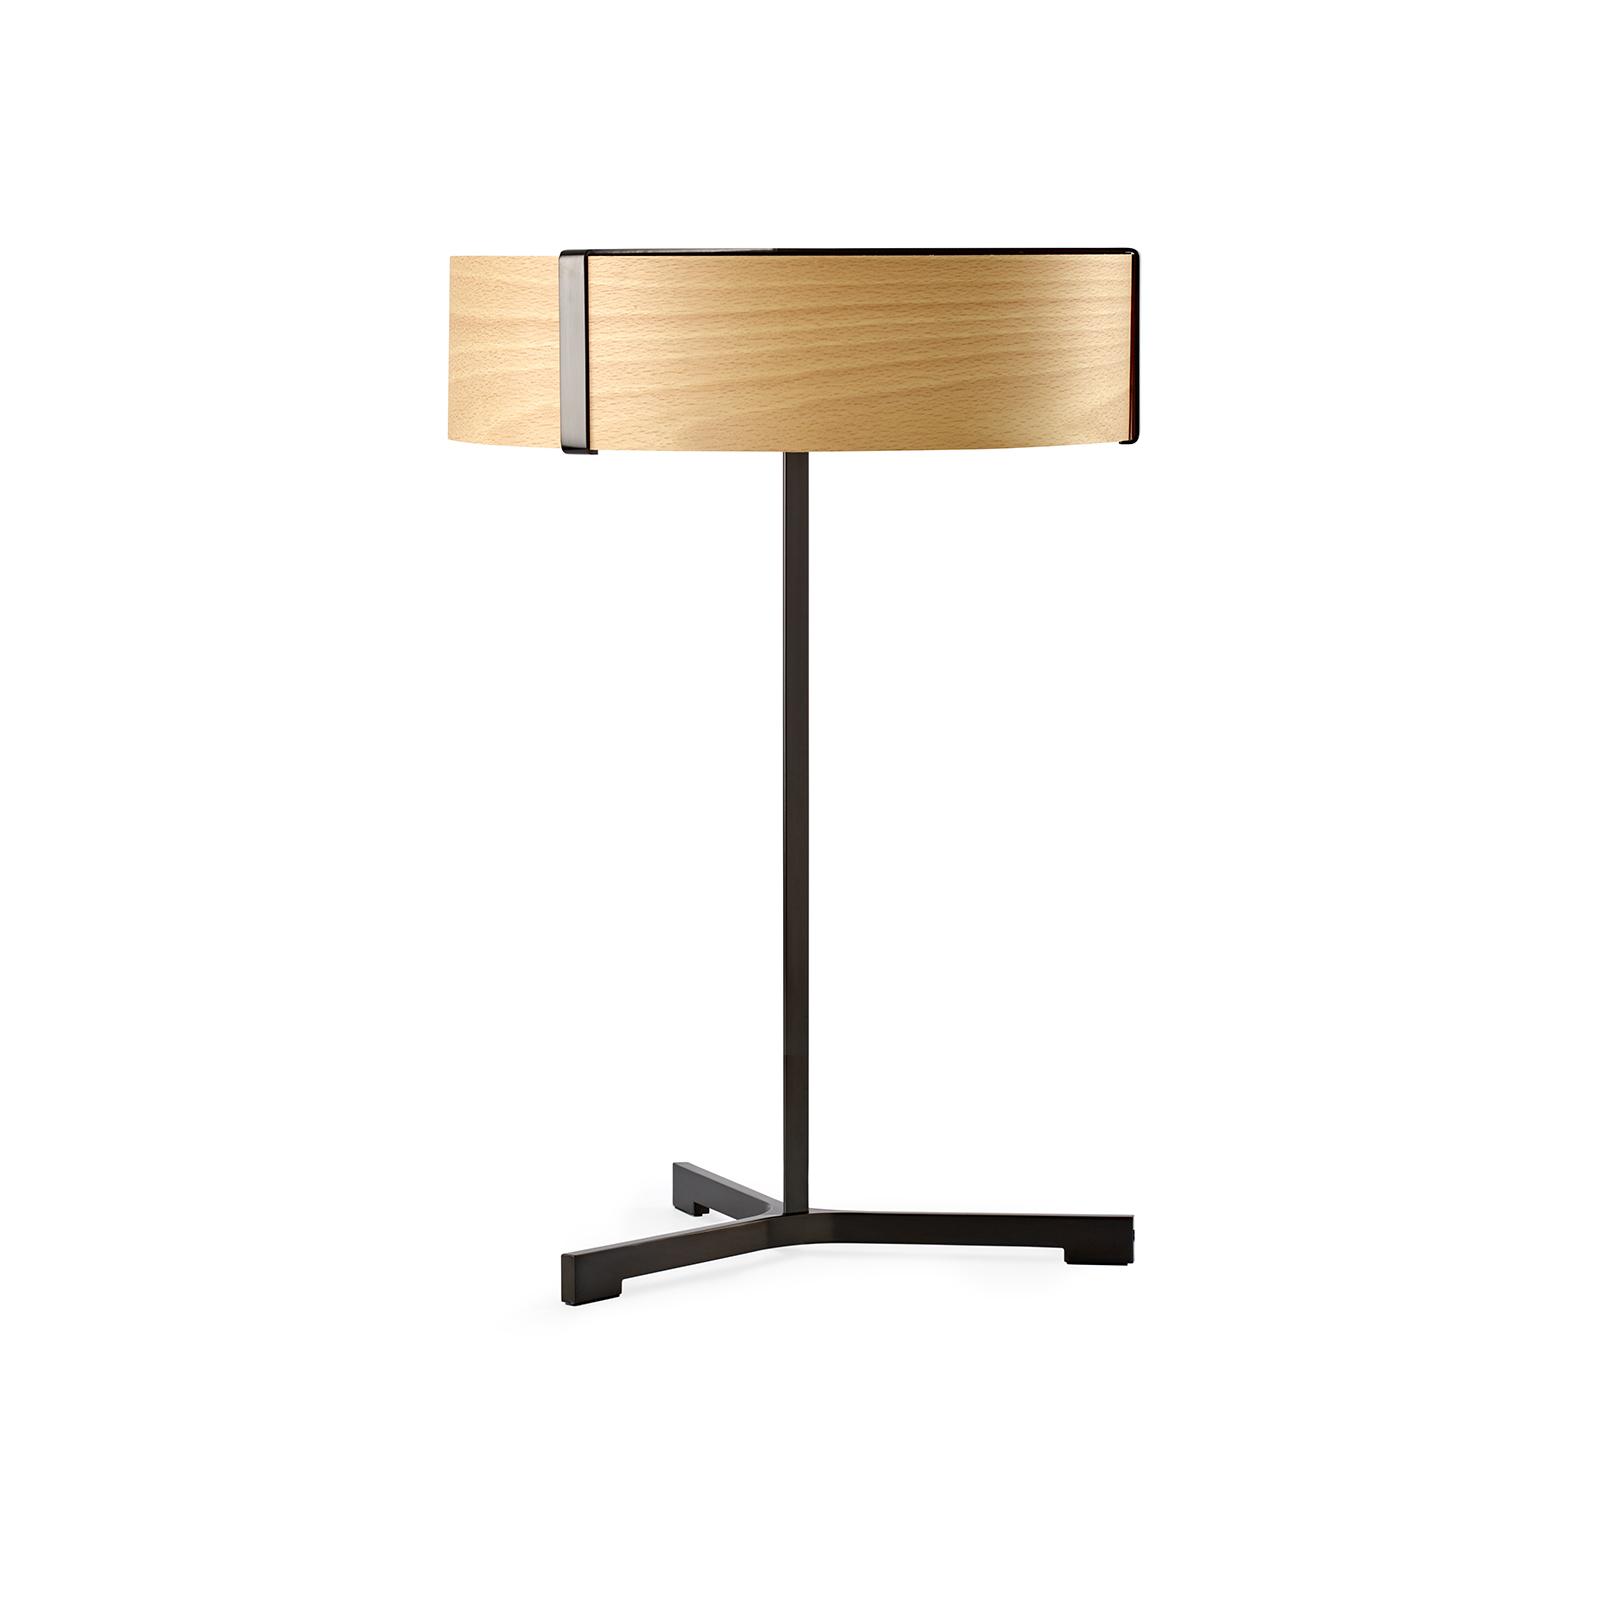 LZF Thesis LED da tavolo nero satinato/faggio